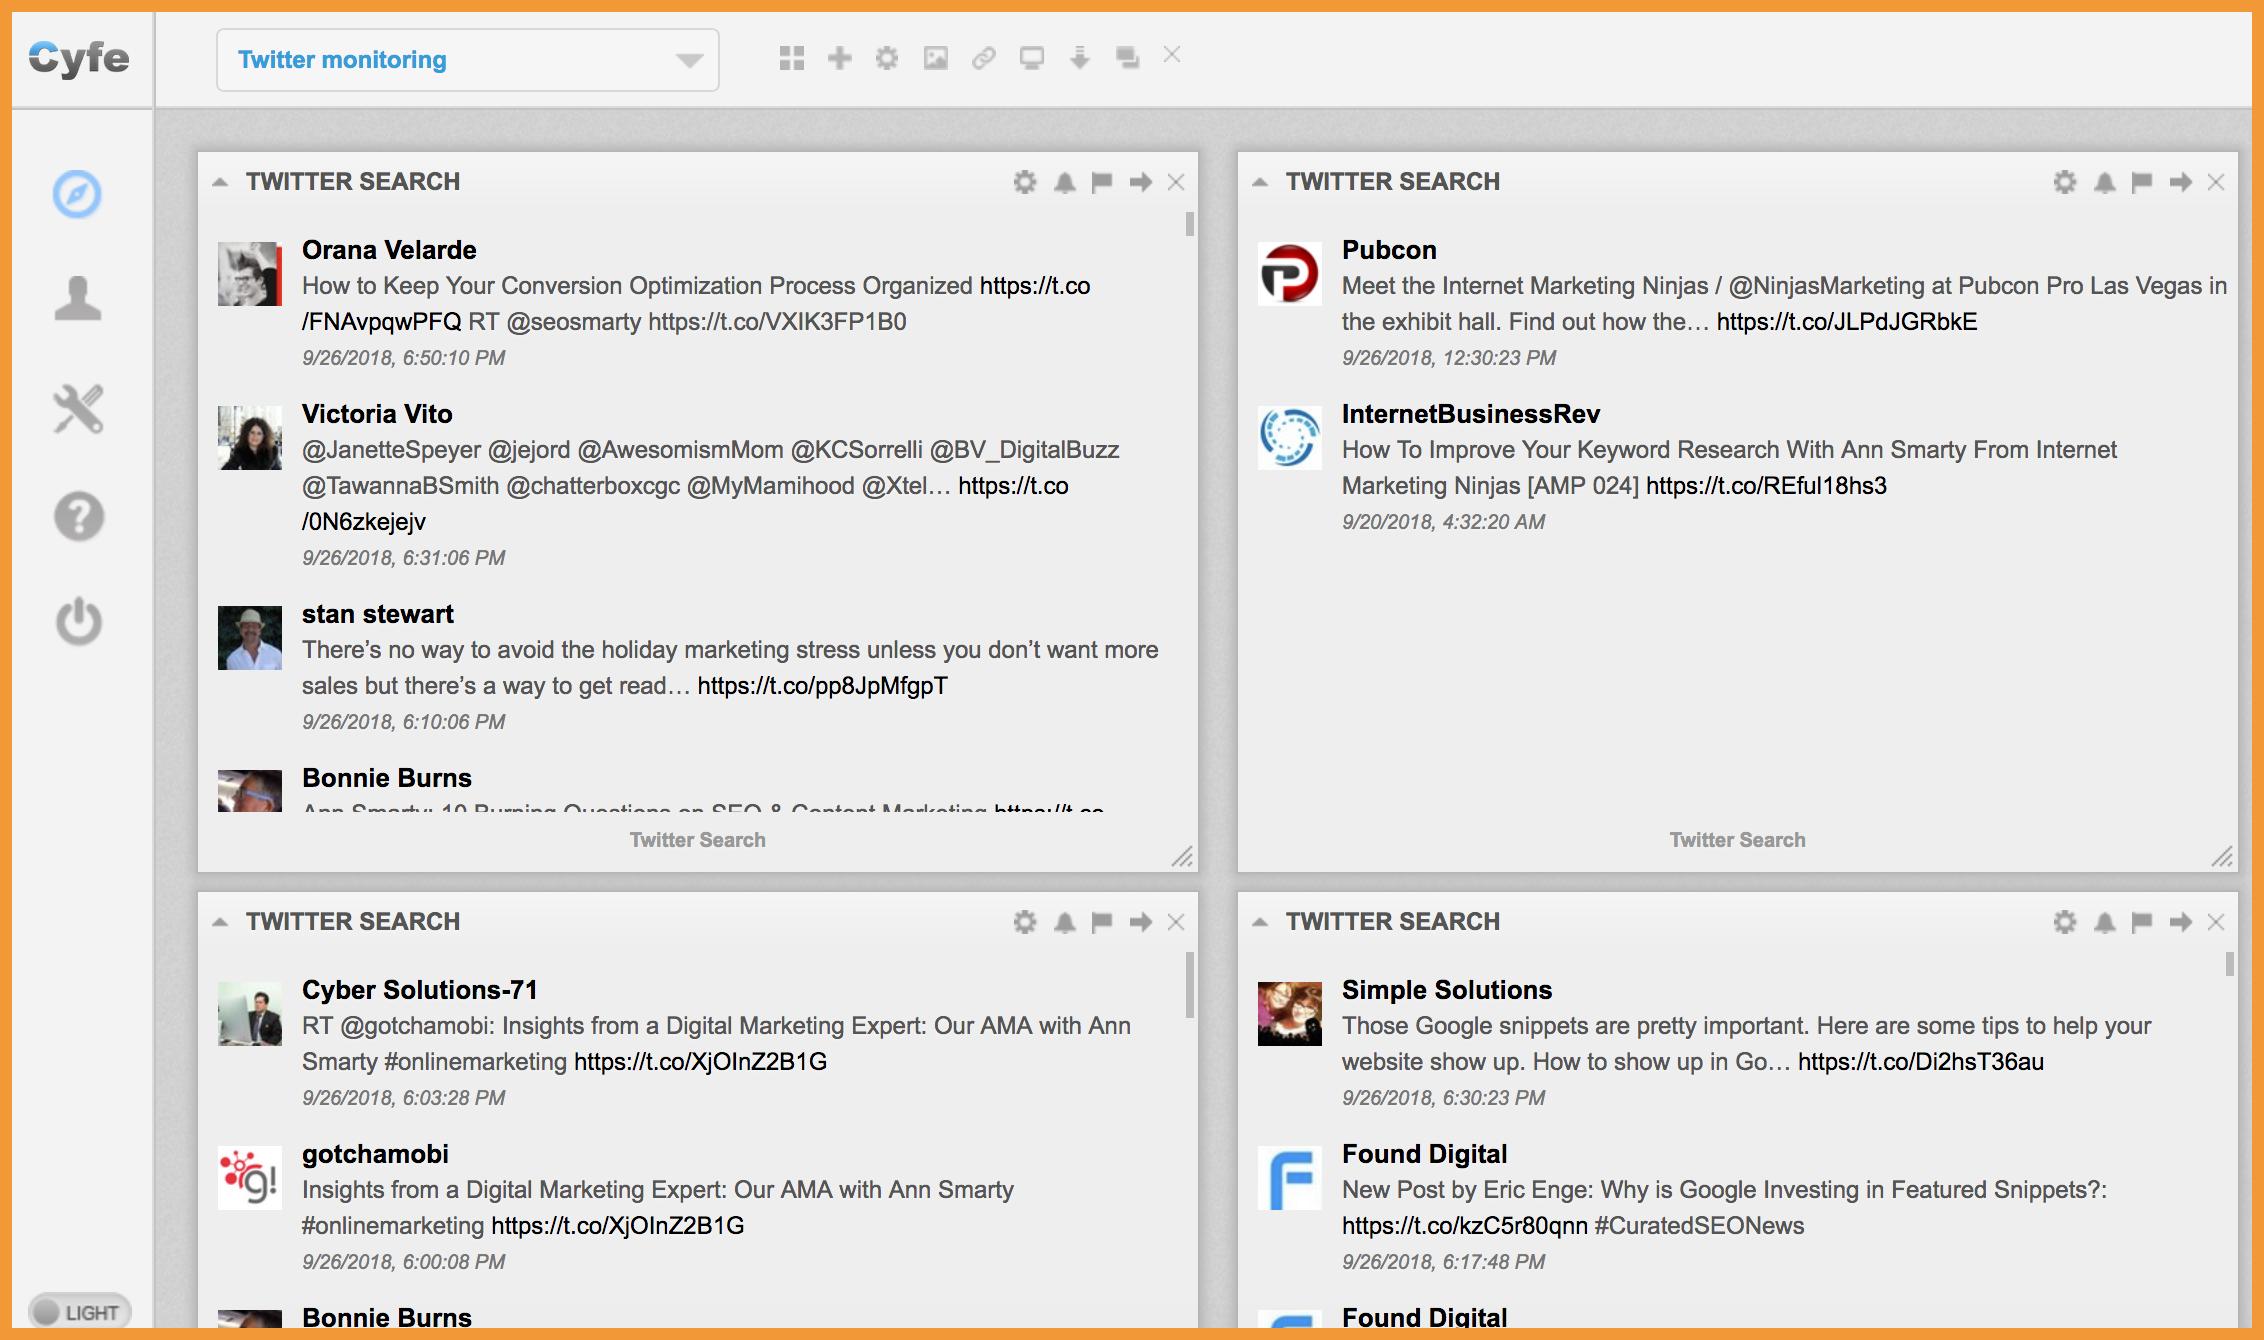 Cyfe Twitter Monitoring